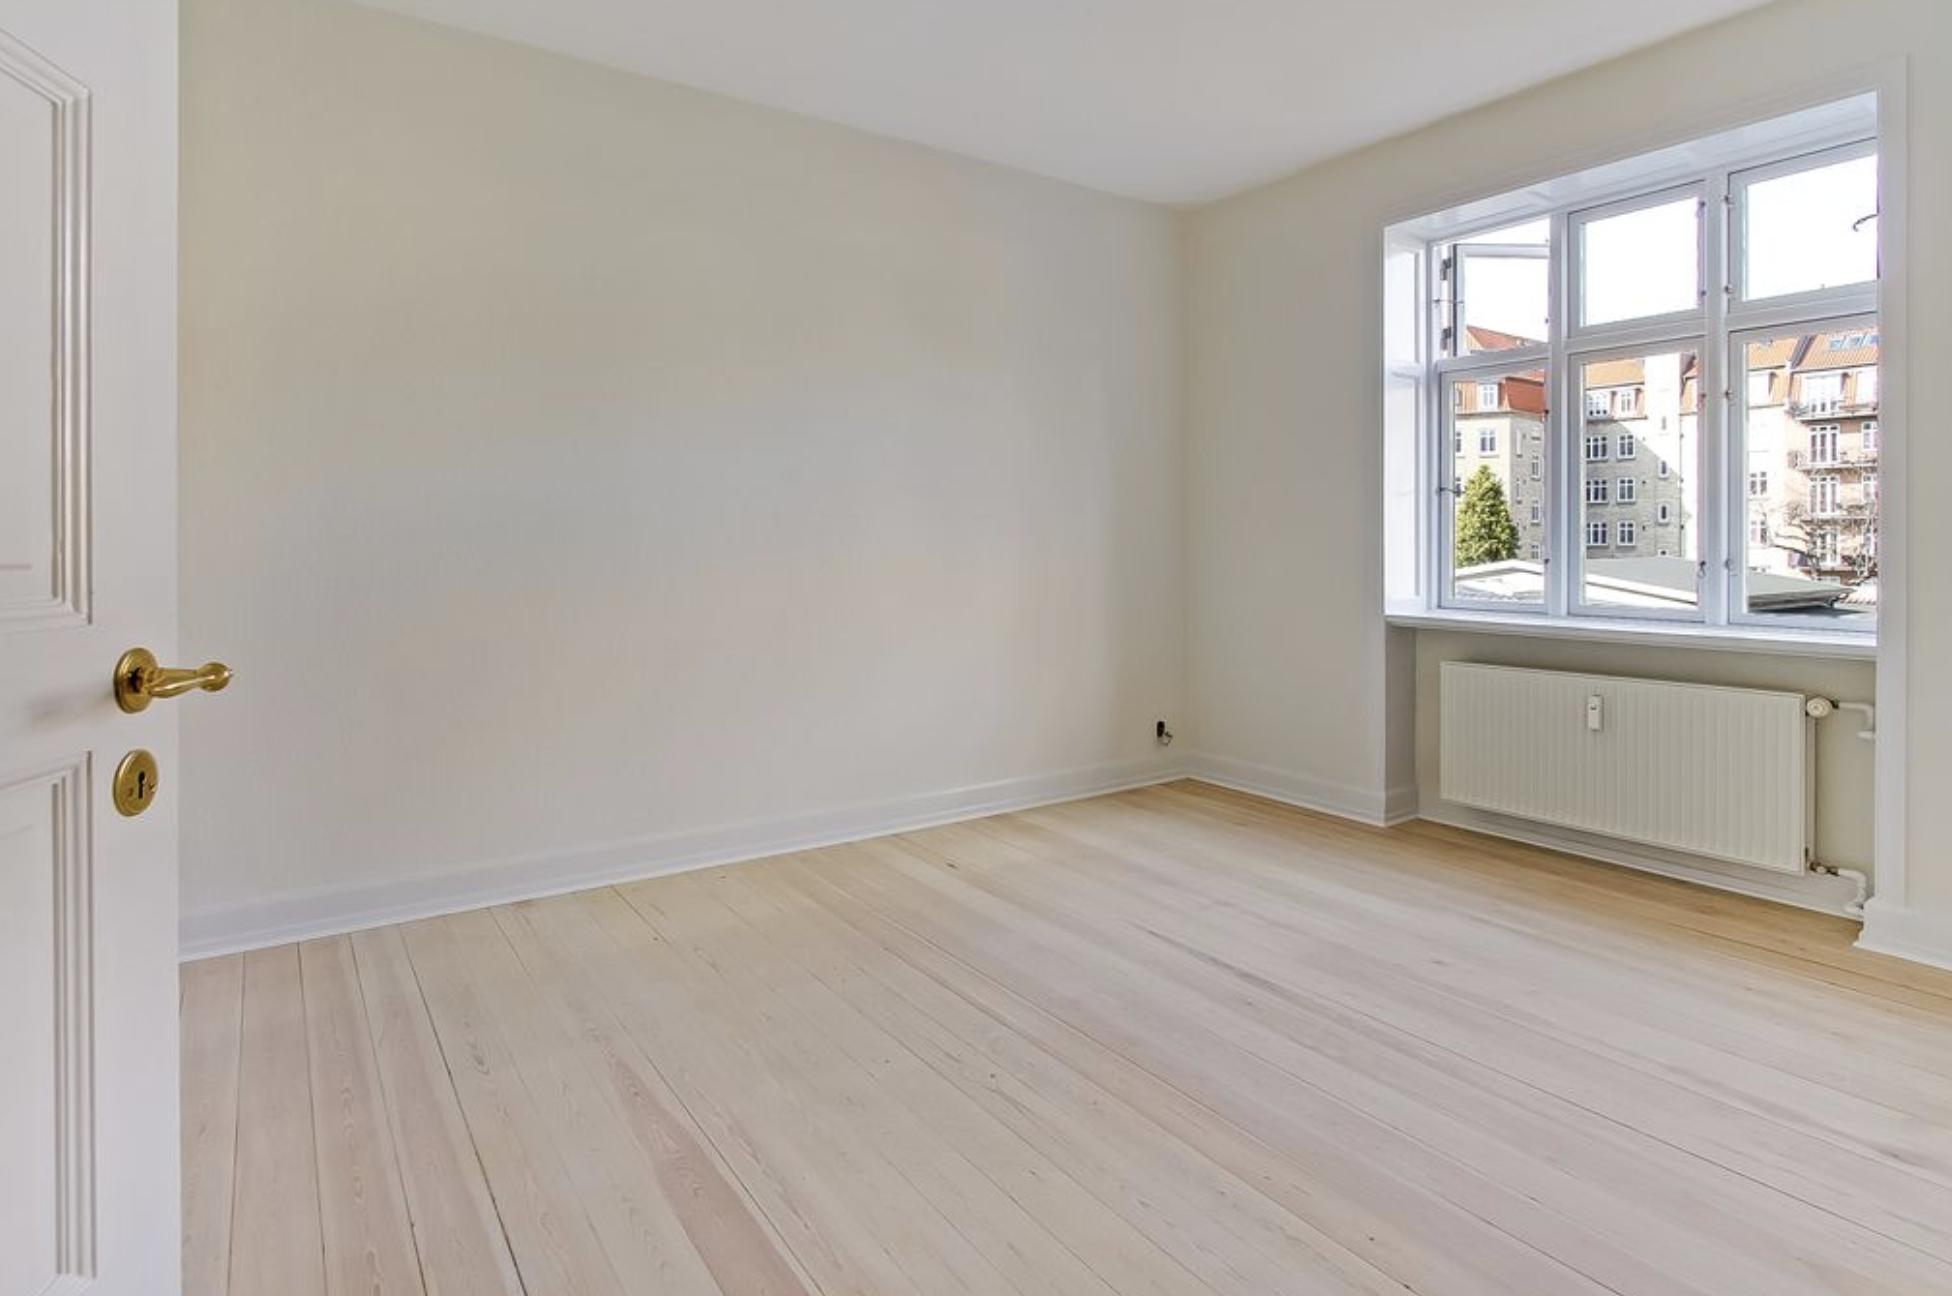 Lyst og fint værelse i herskabslejlighed på Frederiksbjerg